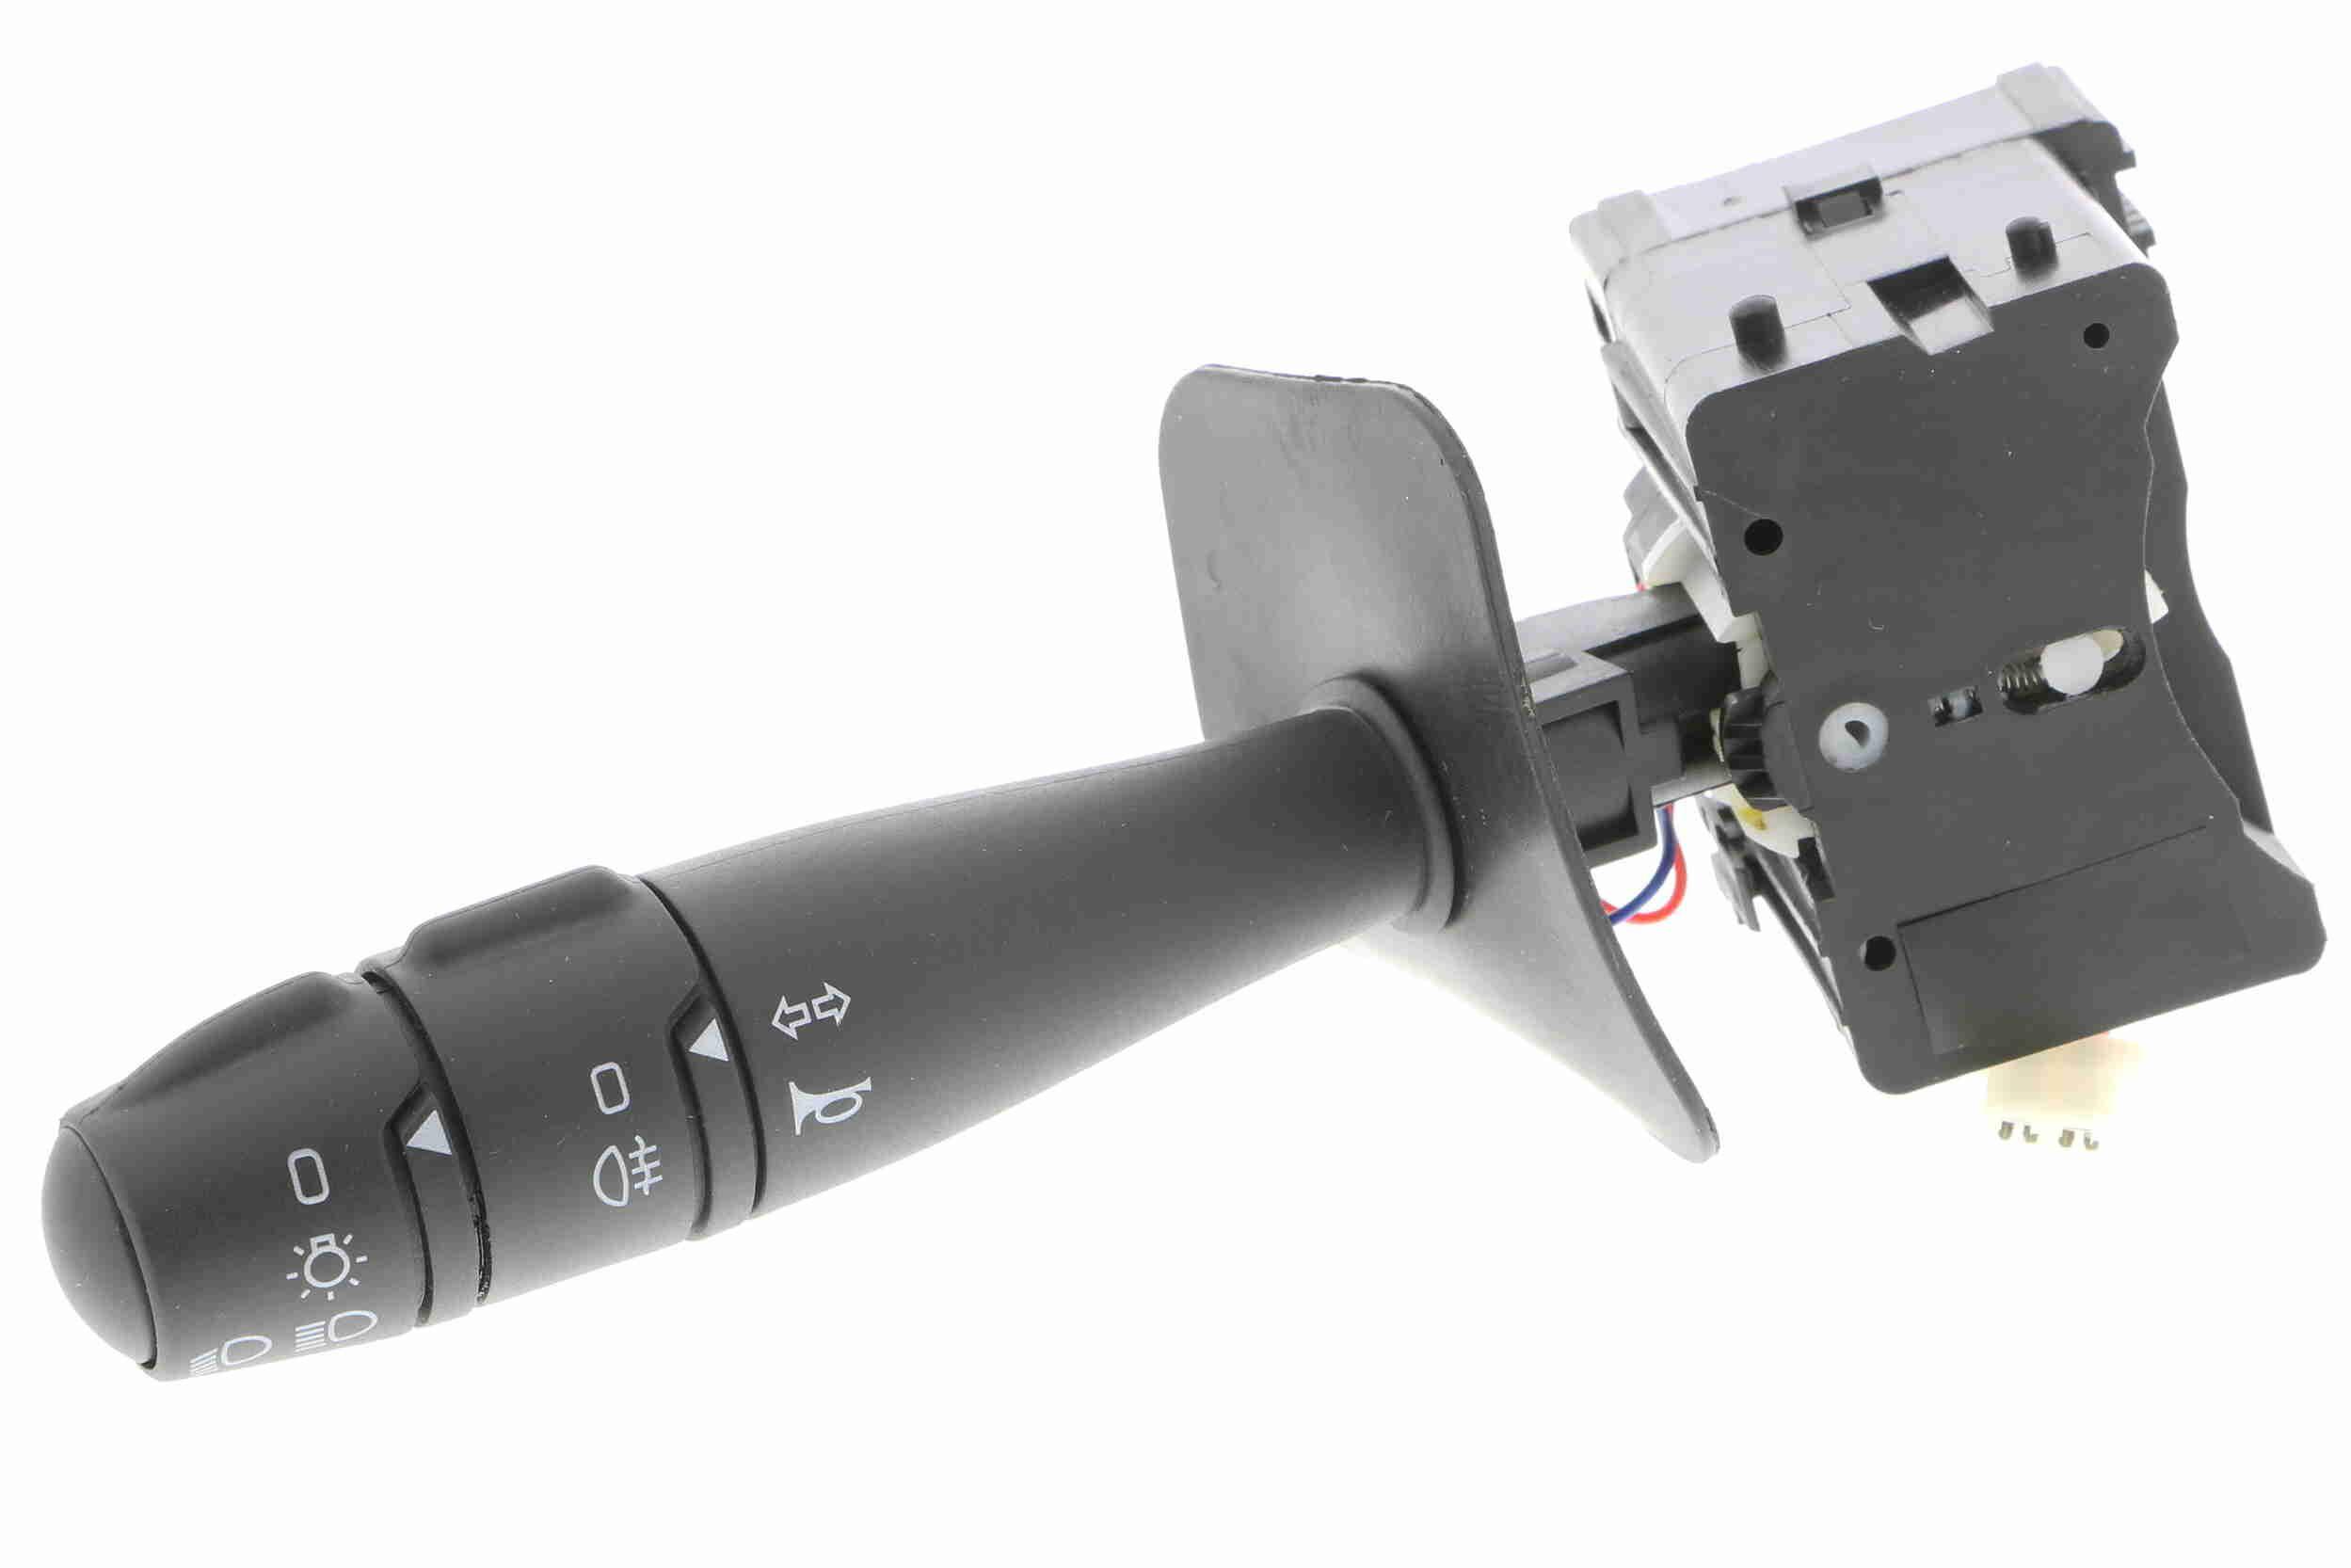 NISSAN MURANO 2012 Geschwindigkeitsregelanlage - Original VEMO V46-80-0006-1 Pol-Anzahl: 10-polig